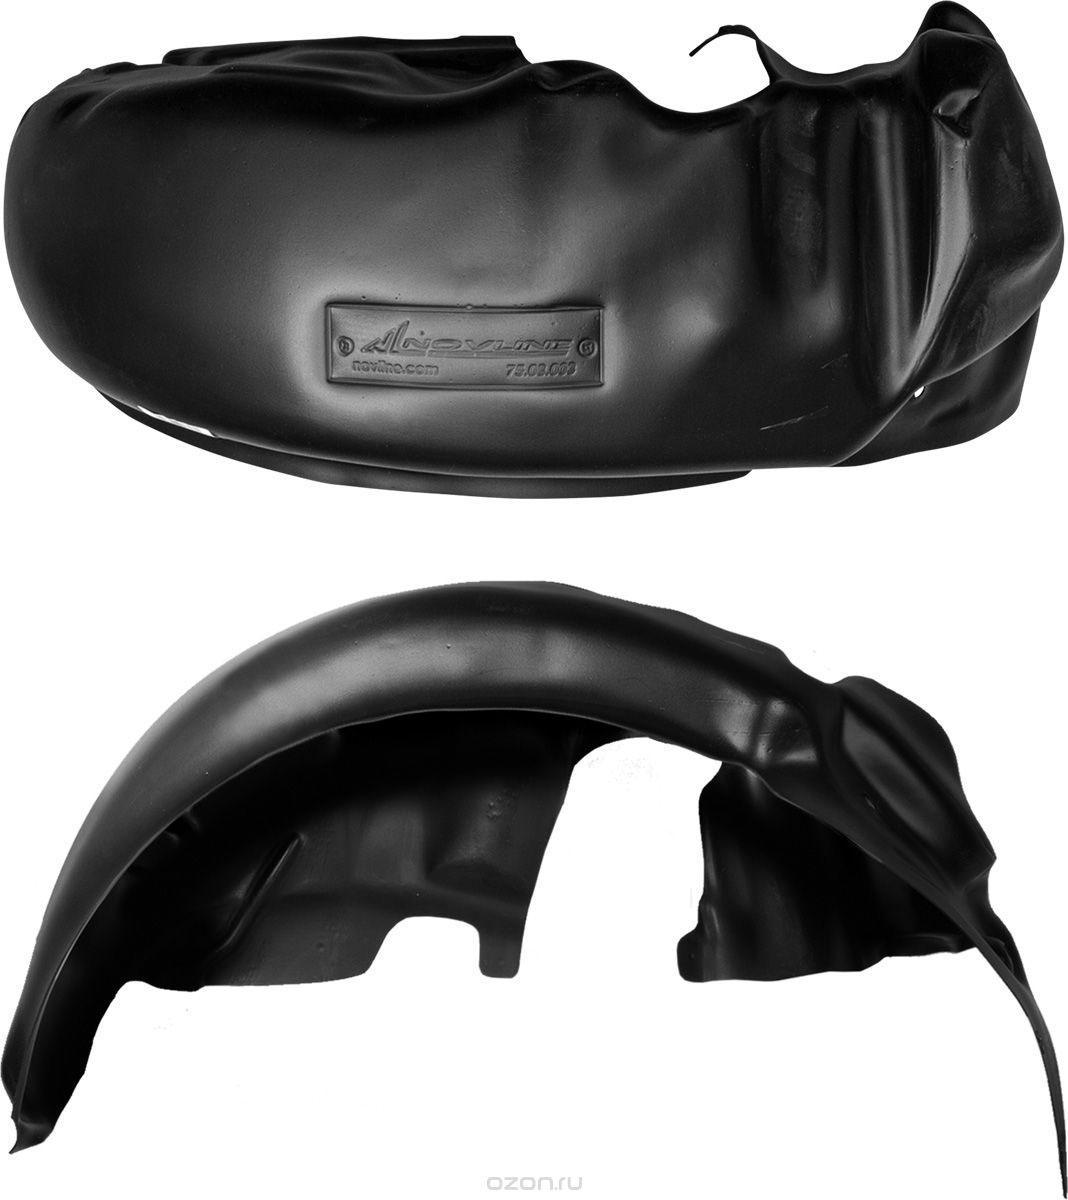 Подкрылок Novline-Autofamily, для DAEWOO Matiz 2005->, задний правый001904Подкрылок Novline-Autofamily - идеальная защита колесной ниши. Локеры разработаны с применением цифровых технологий, гарантируют максимальную повторяемость поверхности арки. Изделия устанавливаются без нарушения лакокрасочного покрытия автомобиля, каждый подкрылок комплектуется крепежом. Уважаемые клиенты, обращаем ваше внимание, что фотографии на подкрылки универсальные и не отражают реальную форму изделия. При этом само изделие идет точно под размер указанного автомобиля.